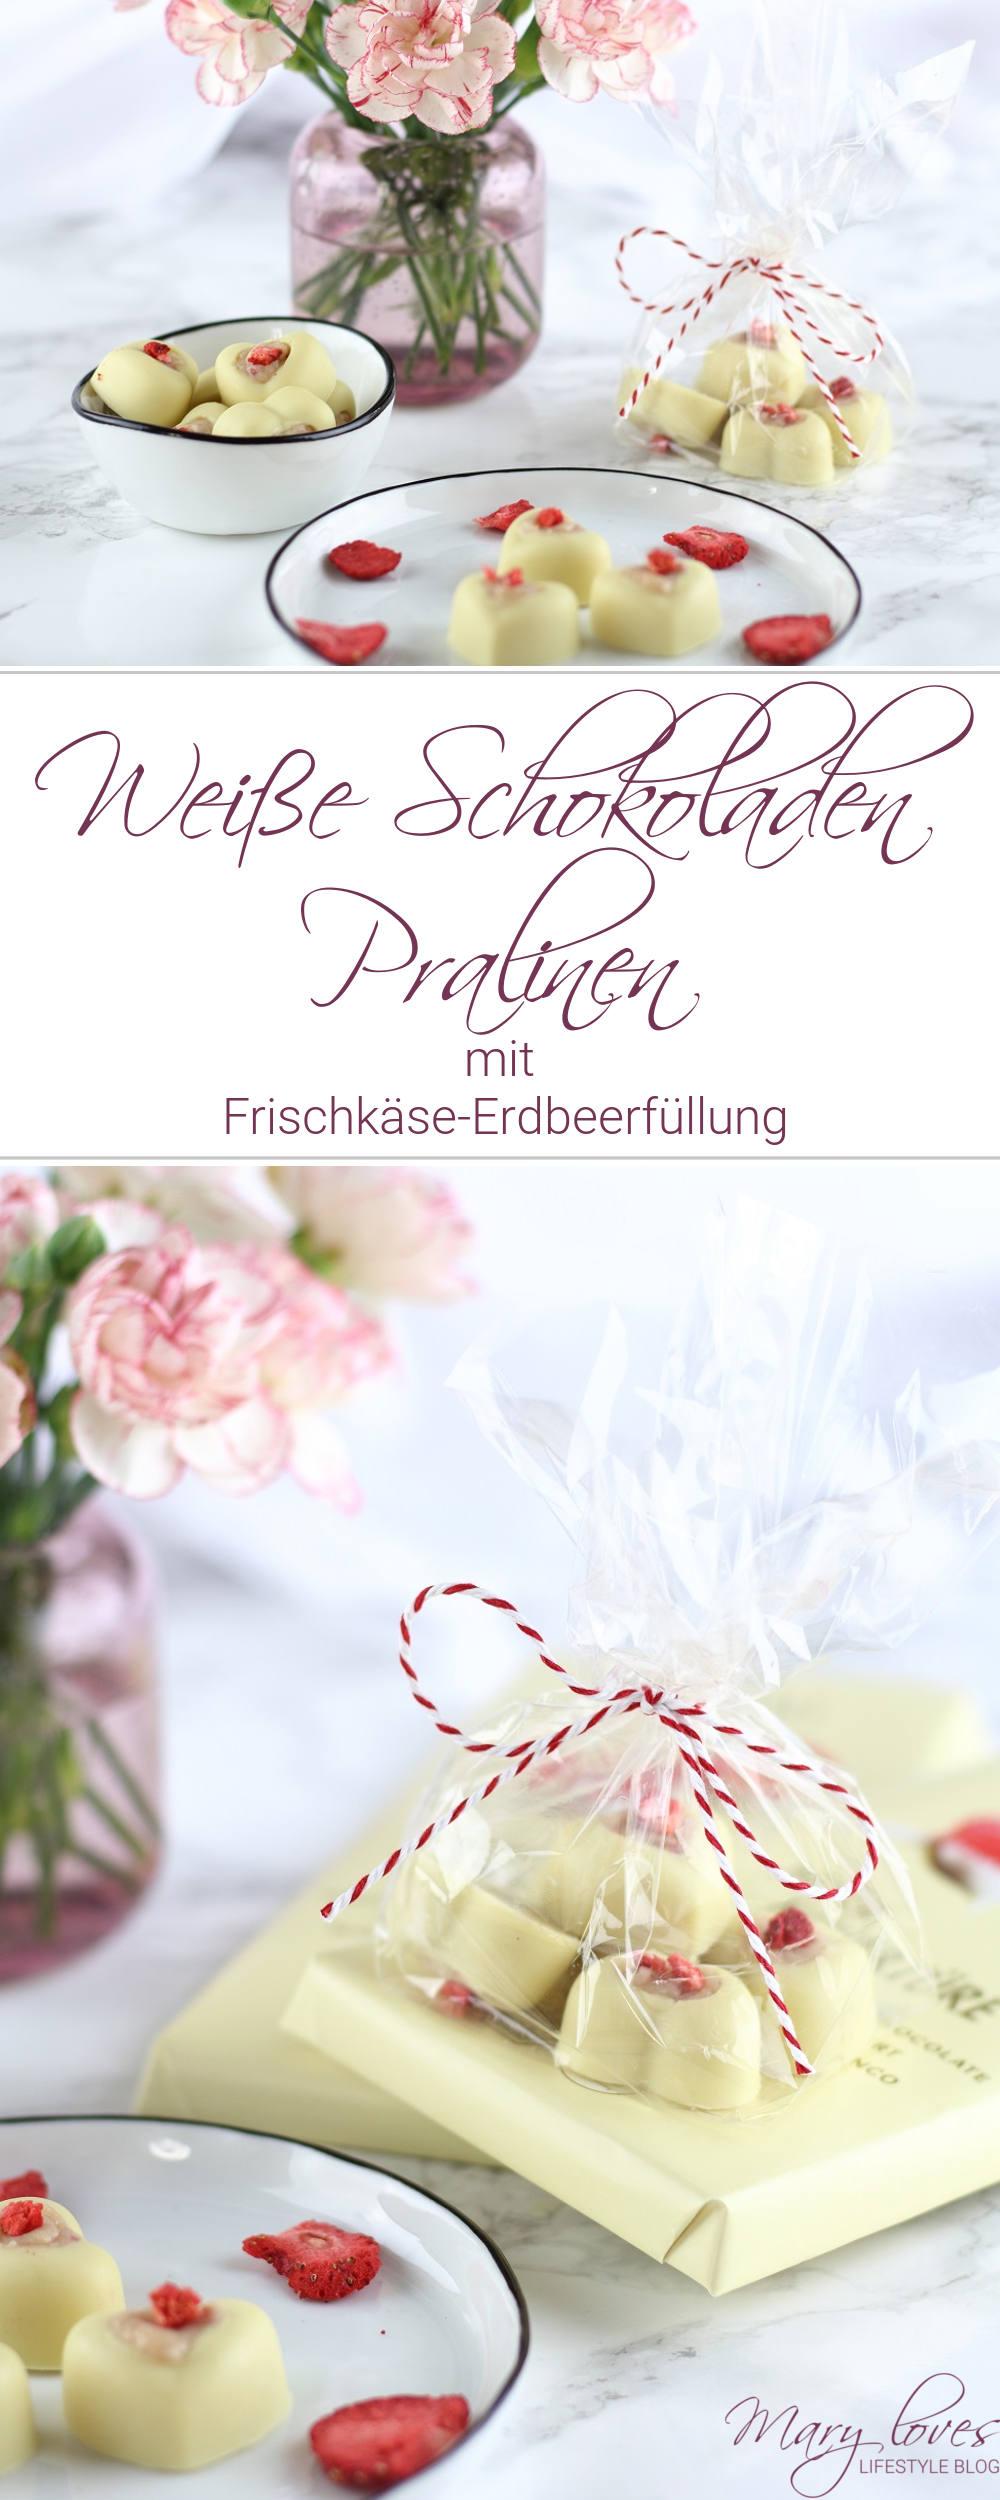 [Anzeige] Weiße Schokoladen Pralinen mit Frischkäse-Erdbeerfüllung als süße Geschenkidee - #pralinen #schokolade #küchengeschenk #schokolade #geschenkidee #muttertag #valentinstag